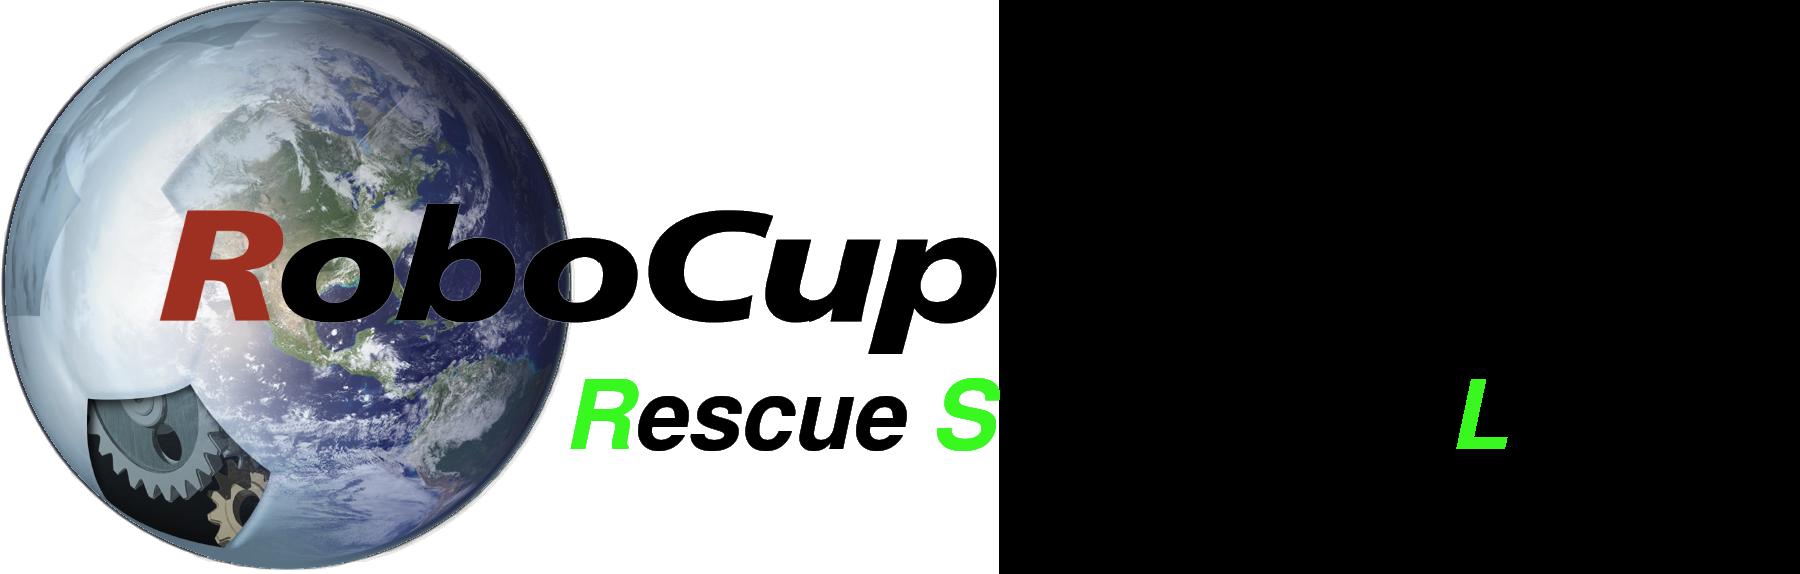 RoboCup Rescue Simulation